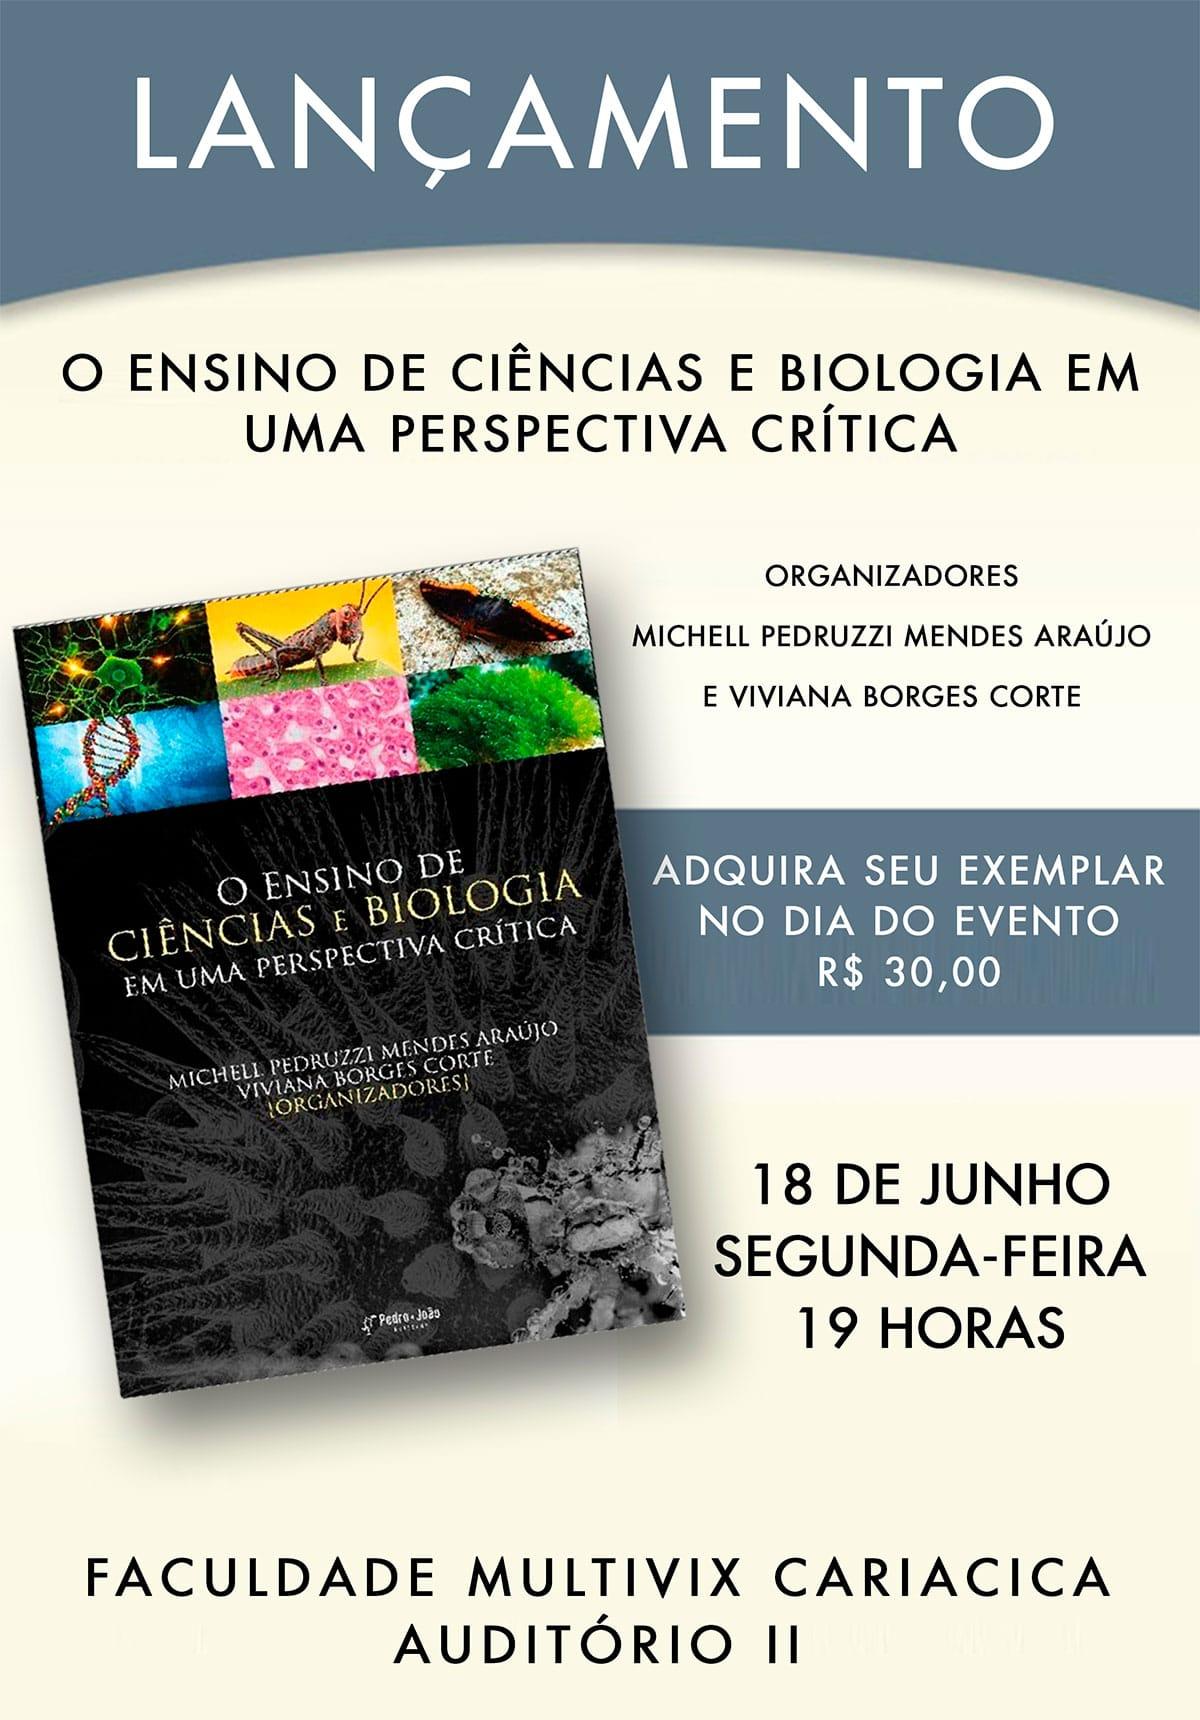 Palestra sobre o ensino de Ciências e Biologia para Pedagogia